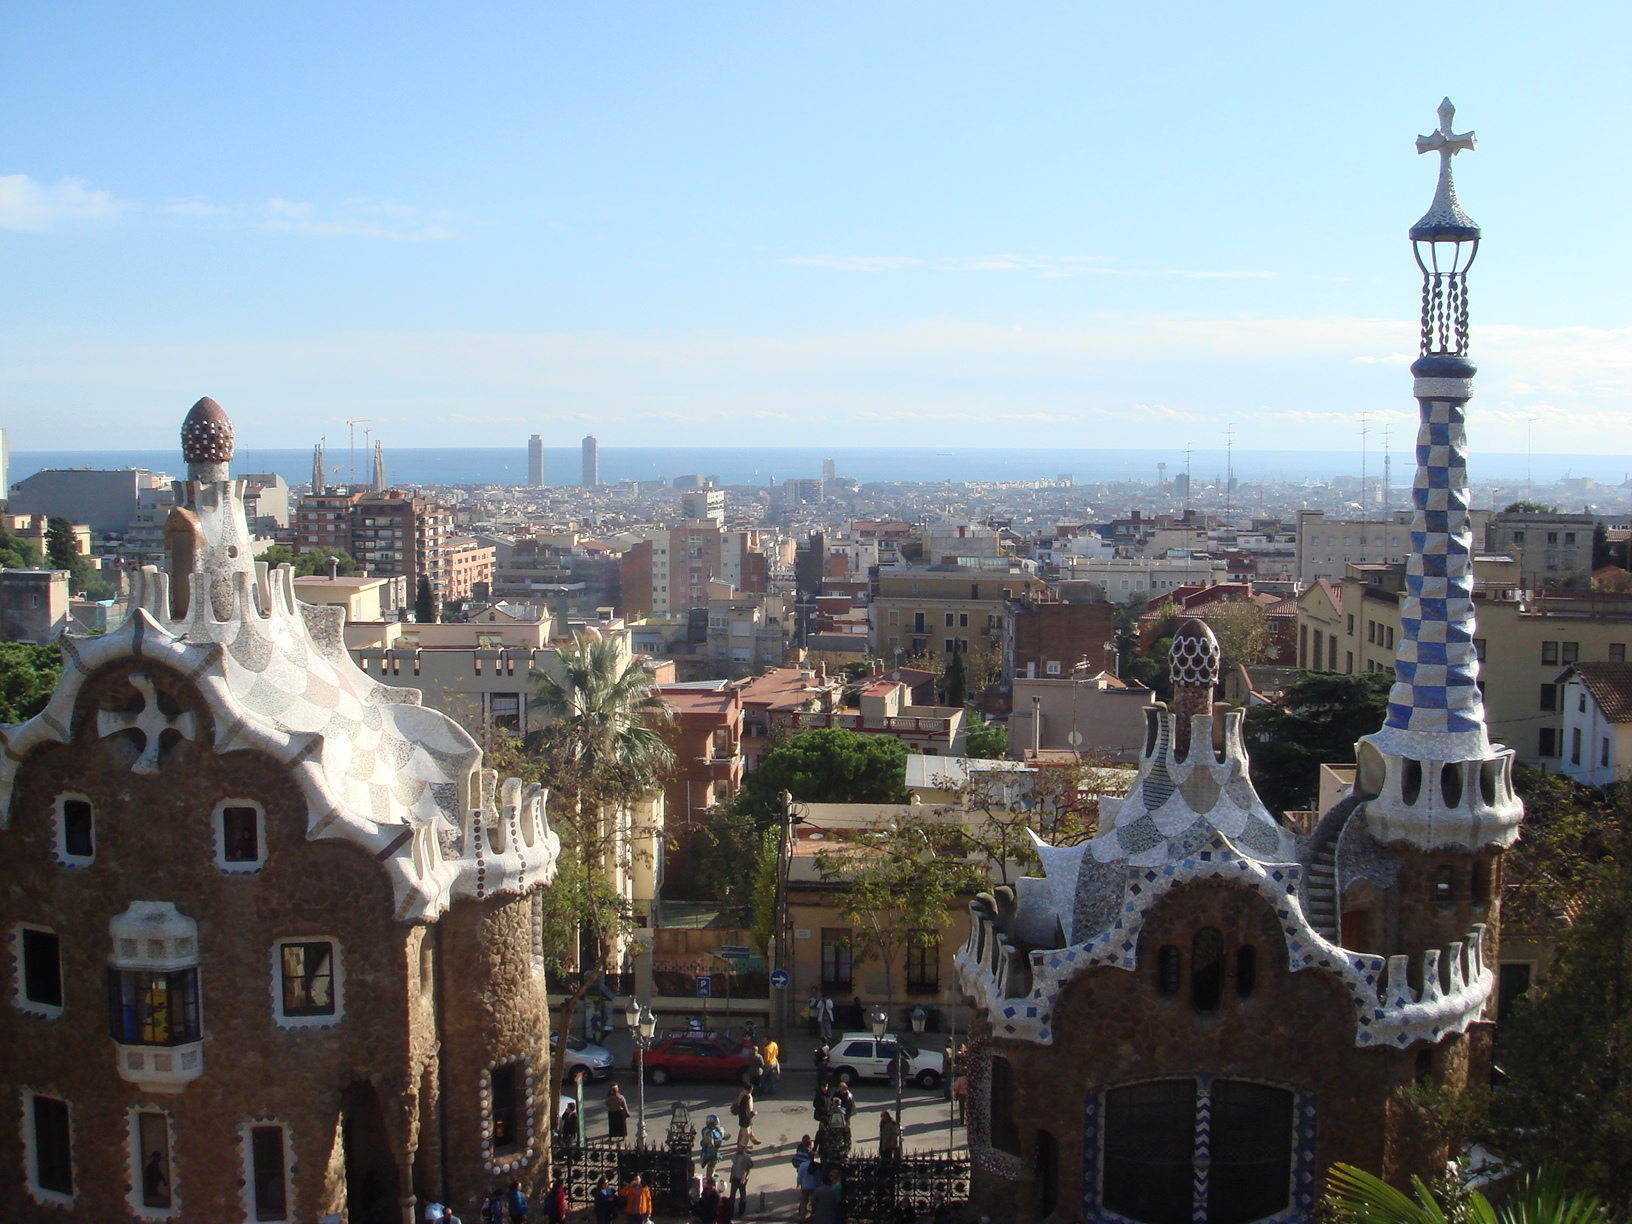 Фото. спания город Барселона фото обоиПросмотров. Барселоны. Дома